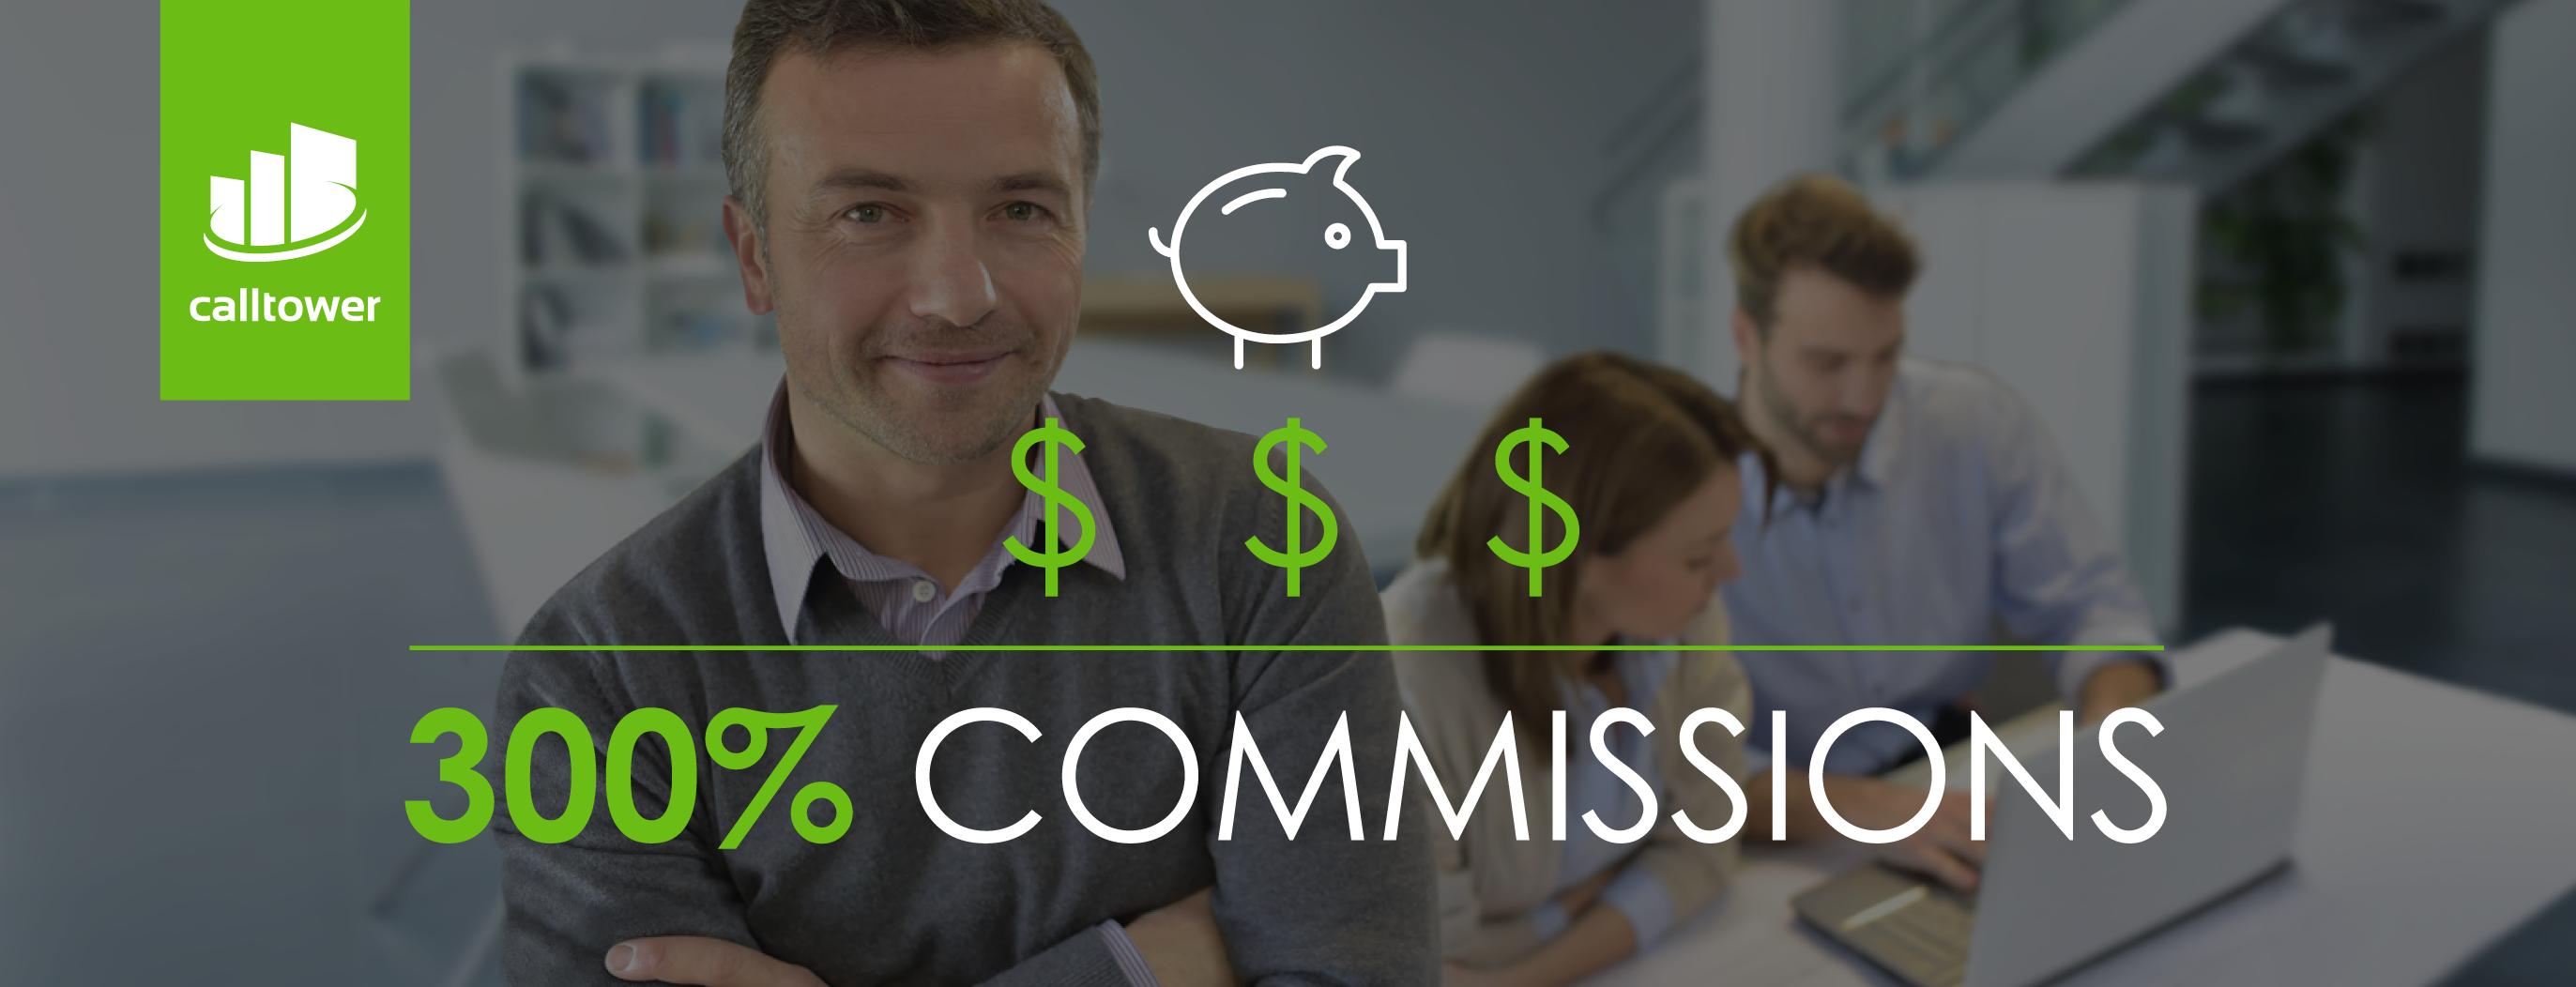 300% Commission +